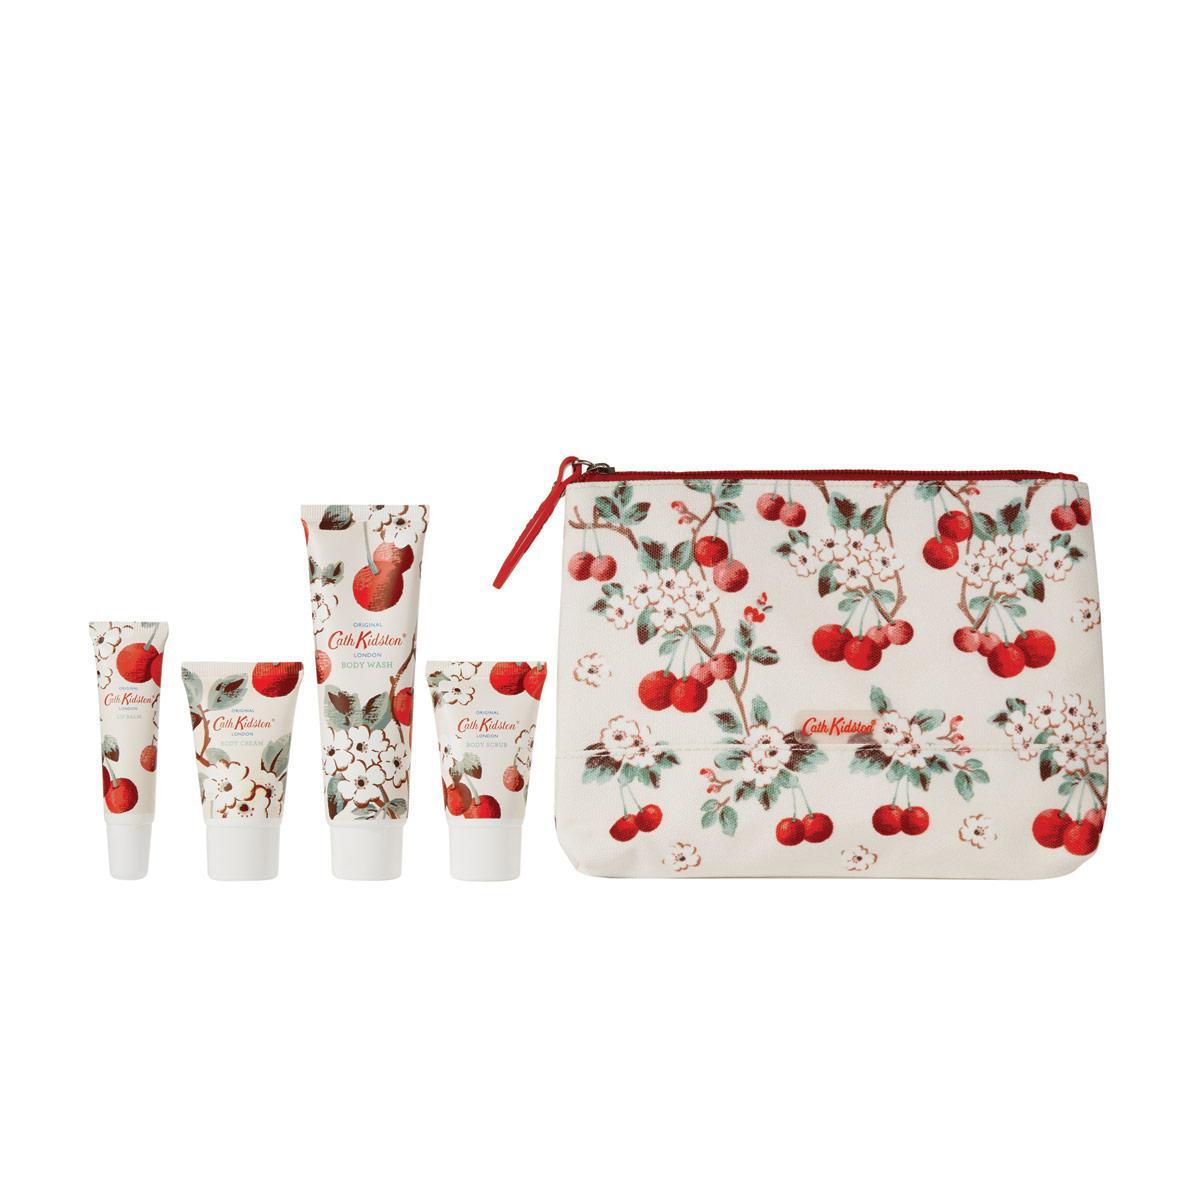 Cath Kidston Sada kosmetiky s péčí o tělo + taštička Cherry Spring, červená barva